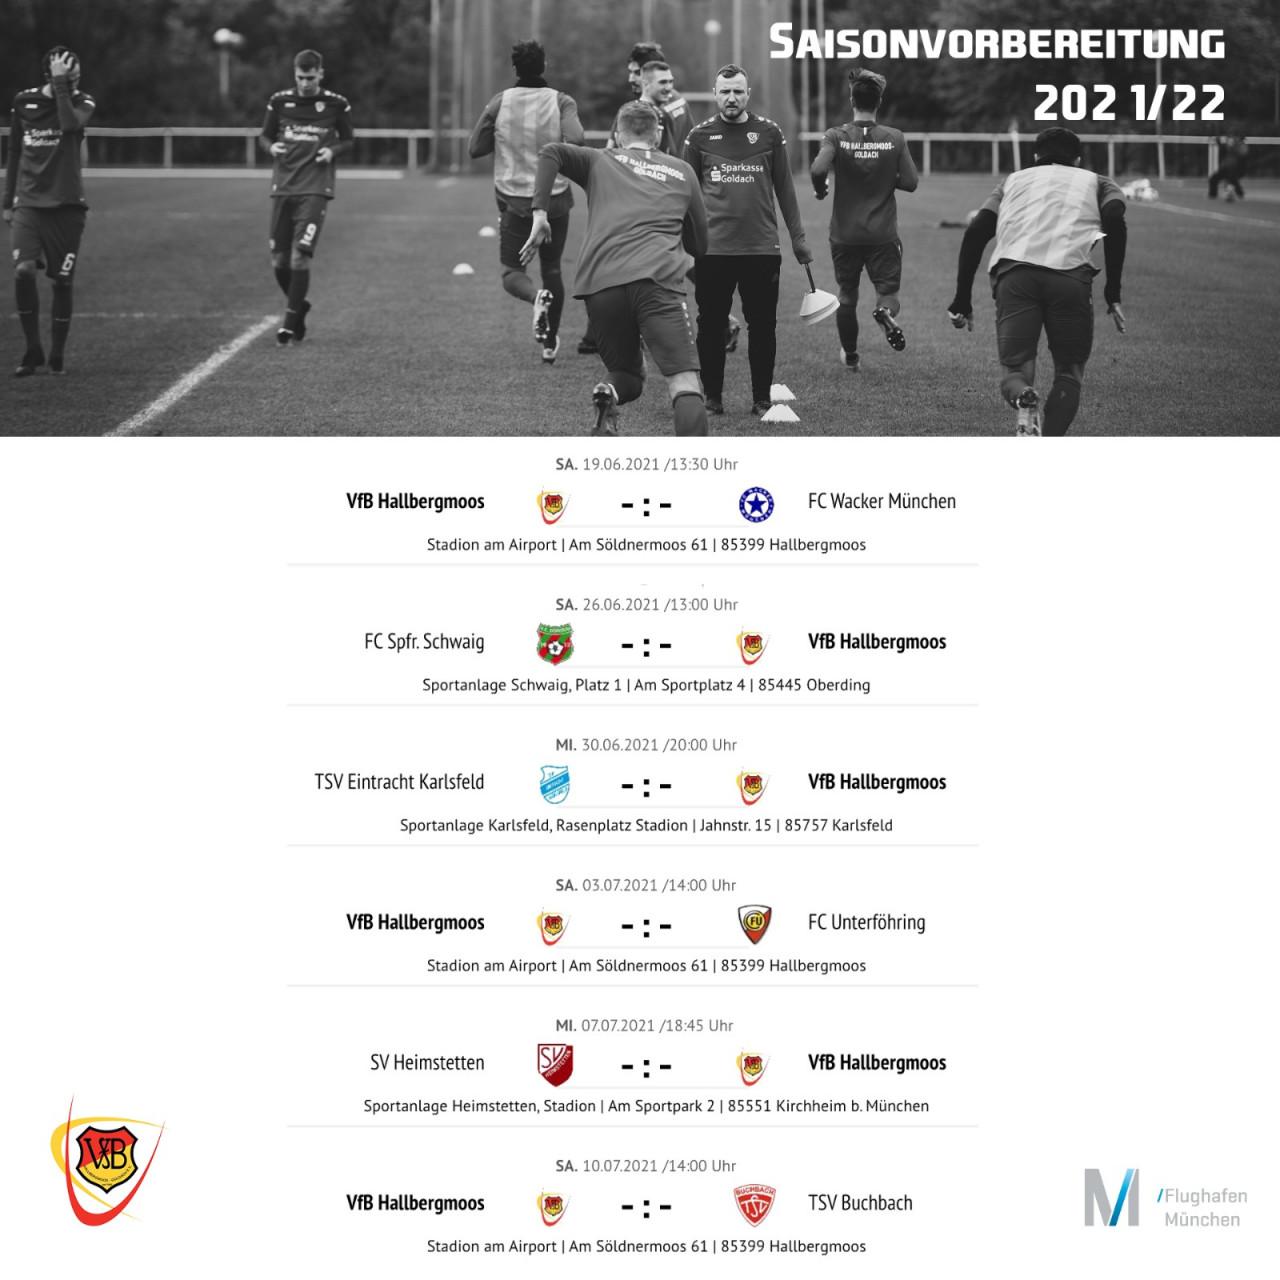 Die Saisonvorbereitungsspiele unseres Bayernligisten